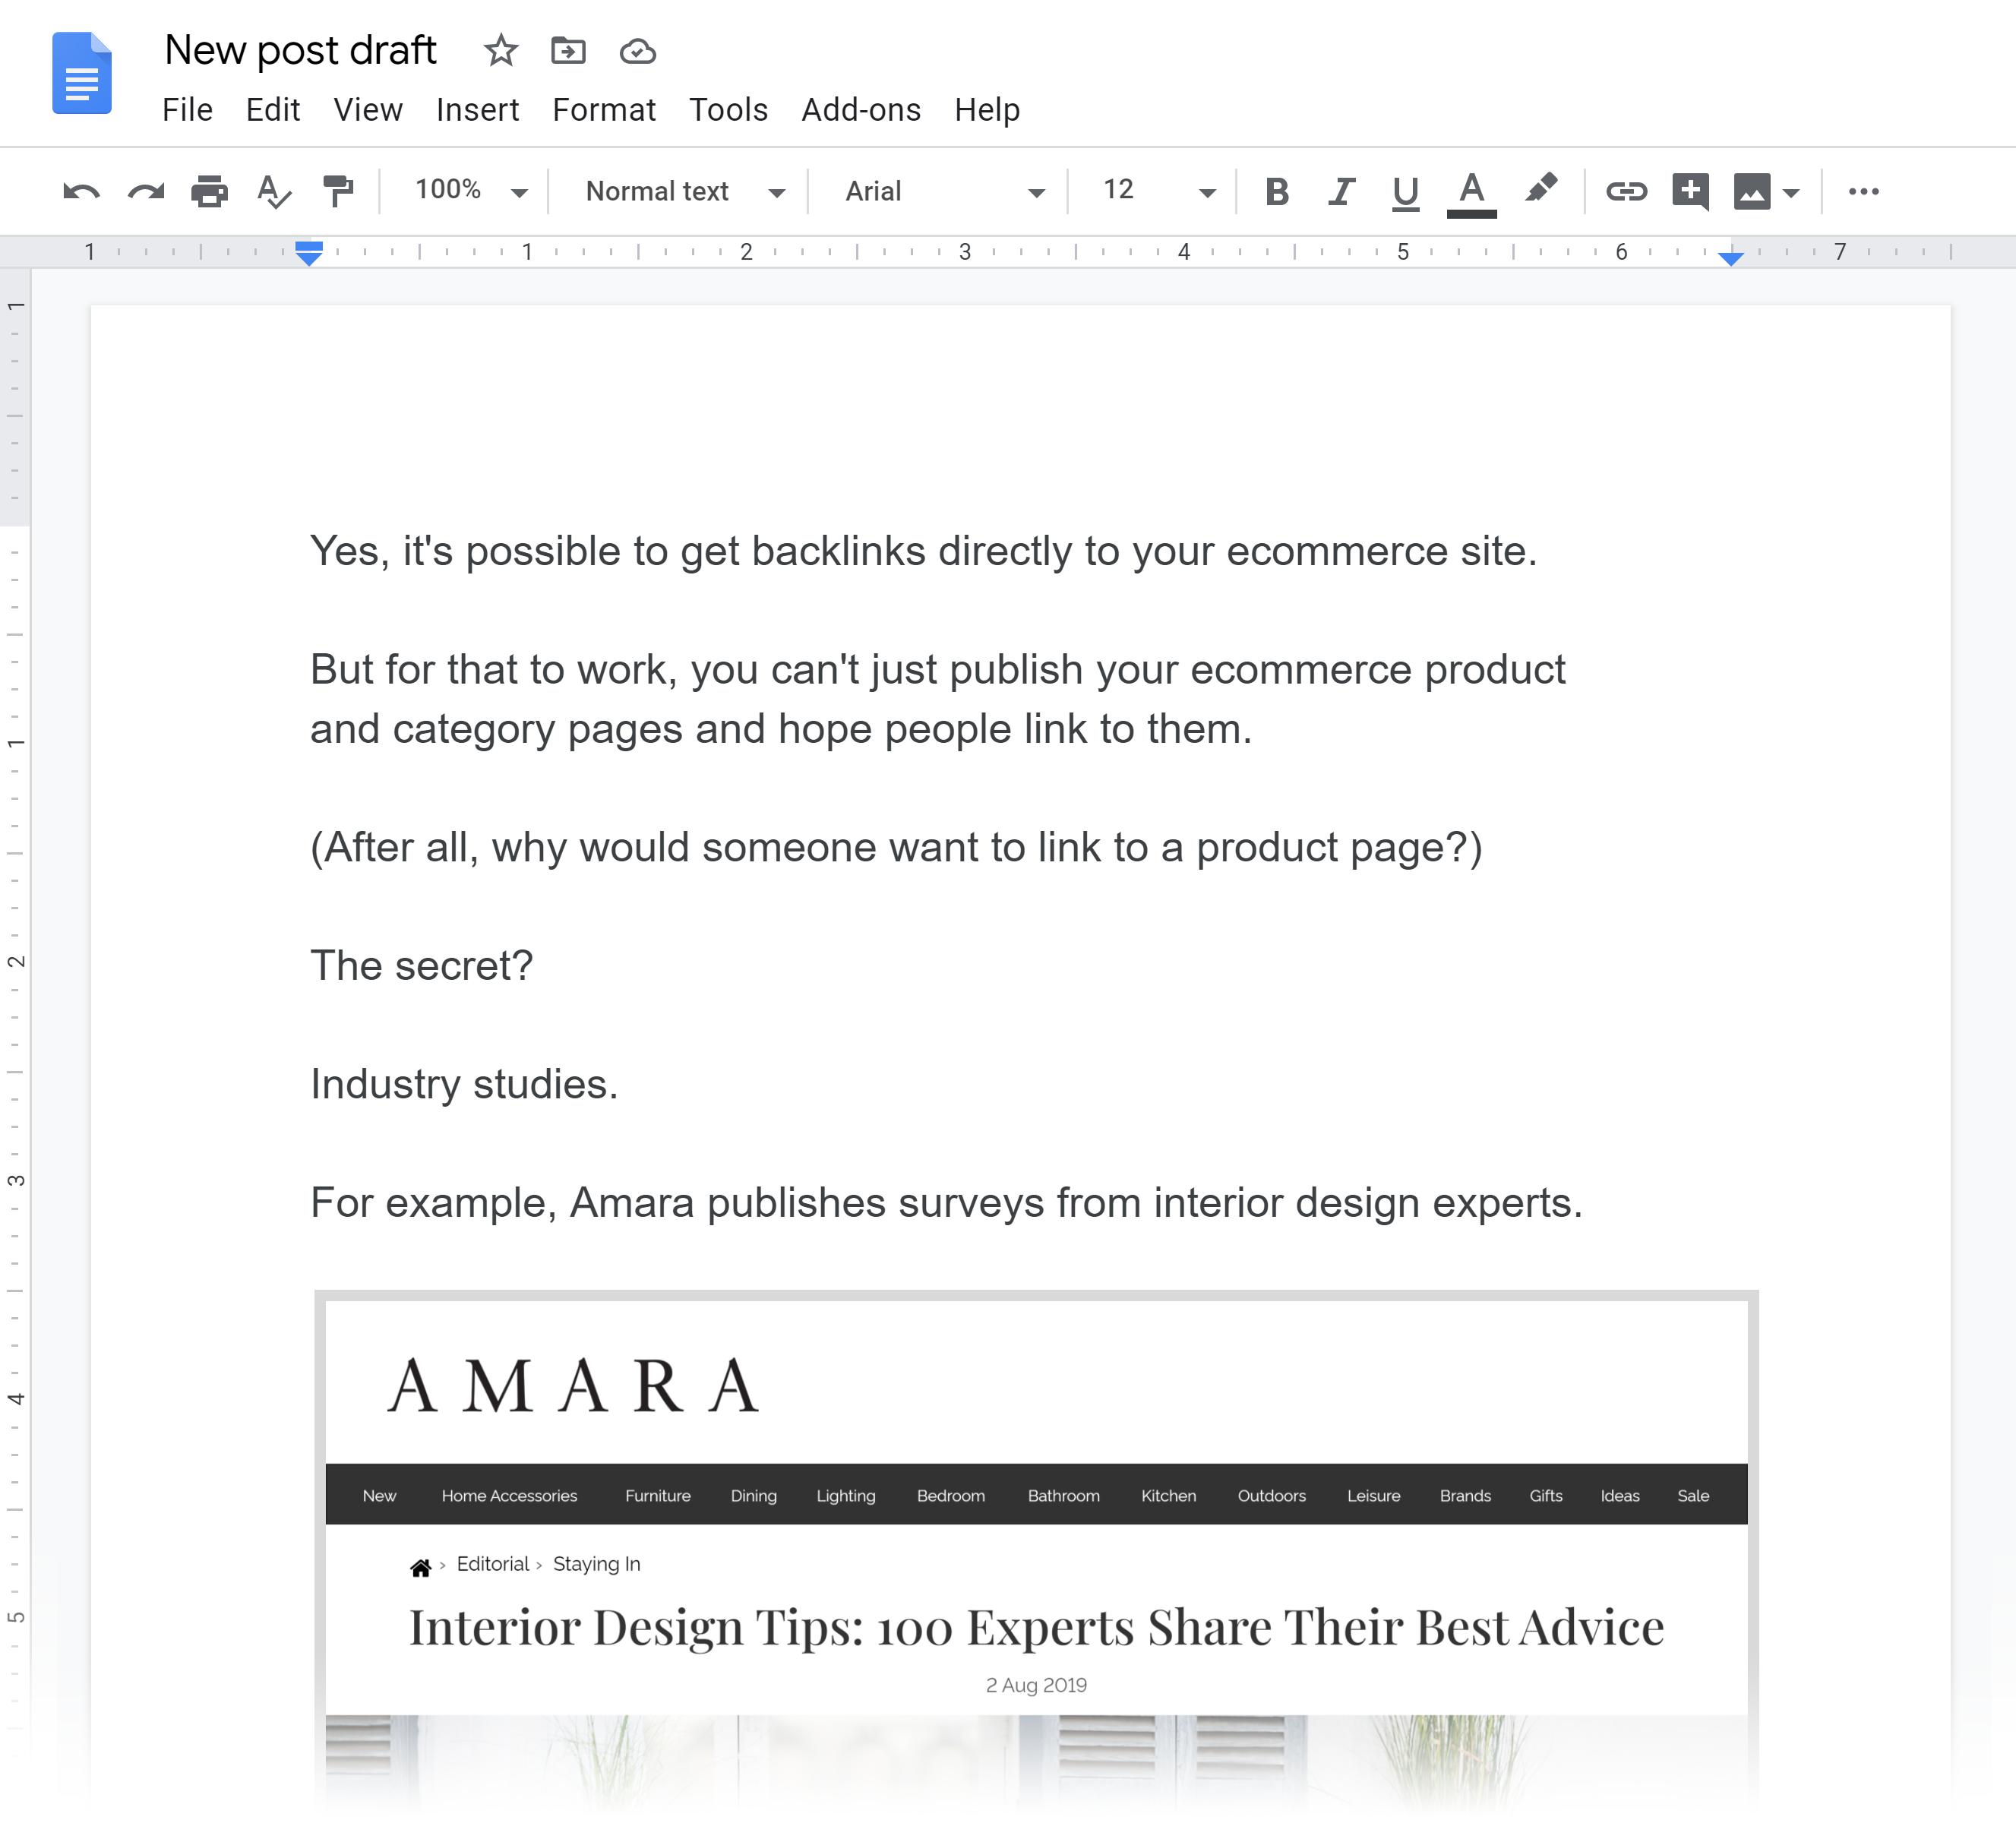 Amara – Interior Design Tips Post